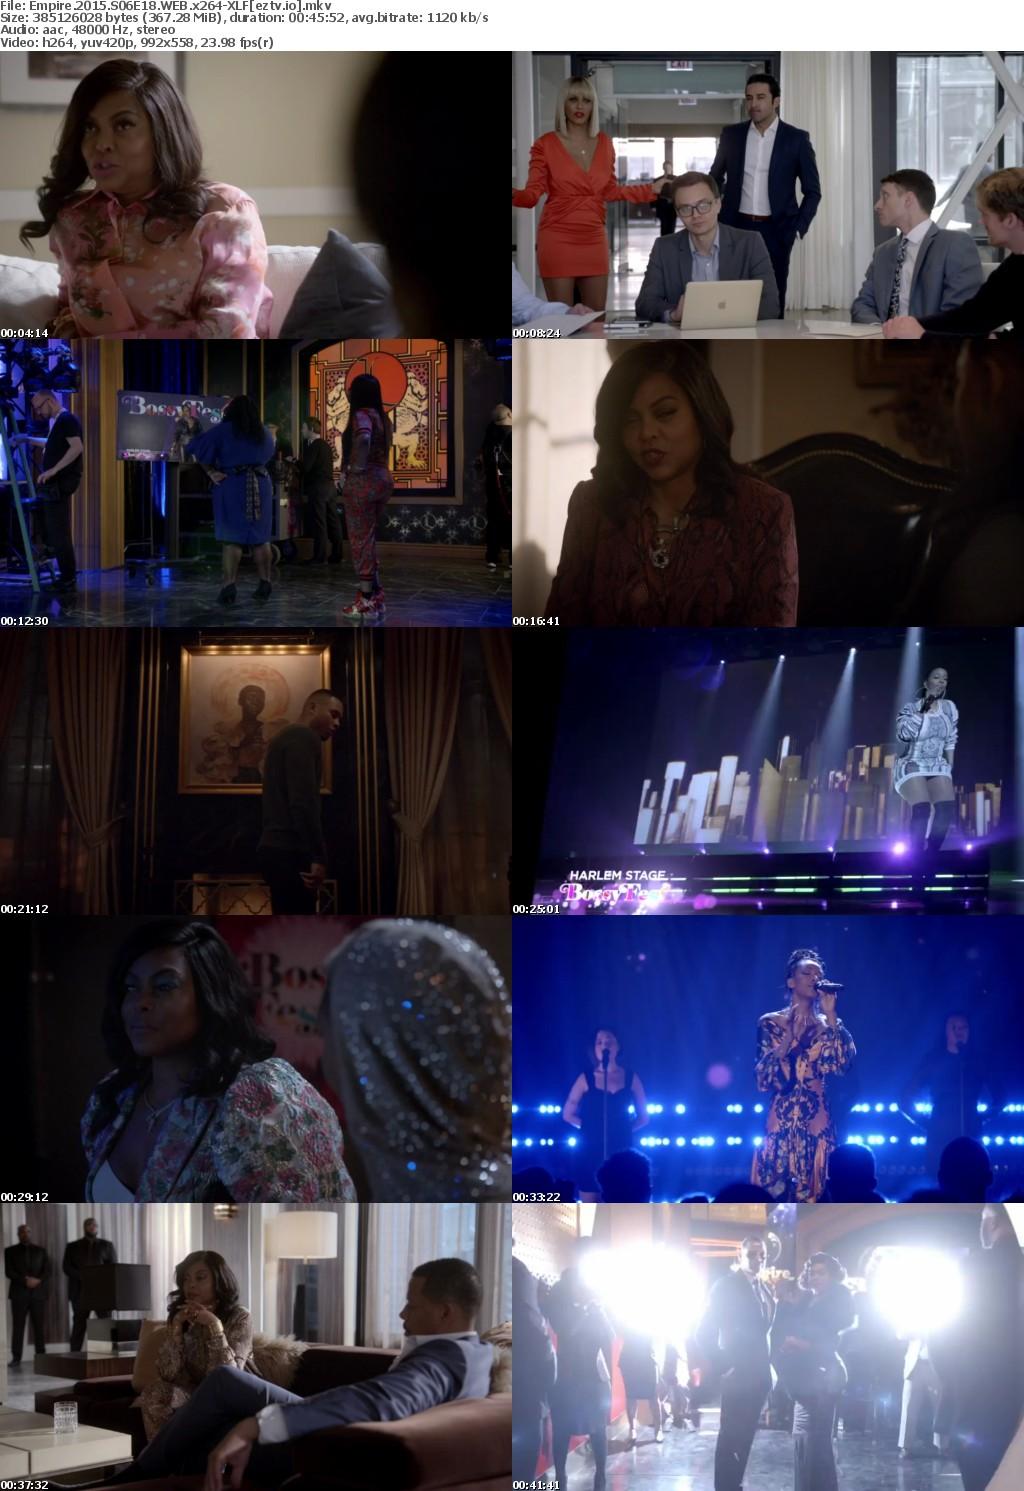 Empire 2015 S06E18 WEB x264-XLF